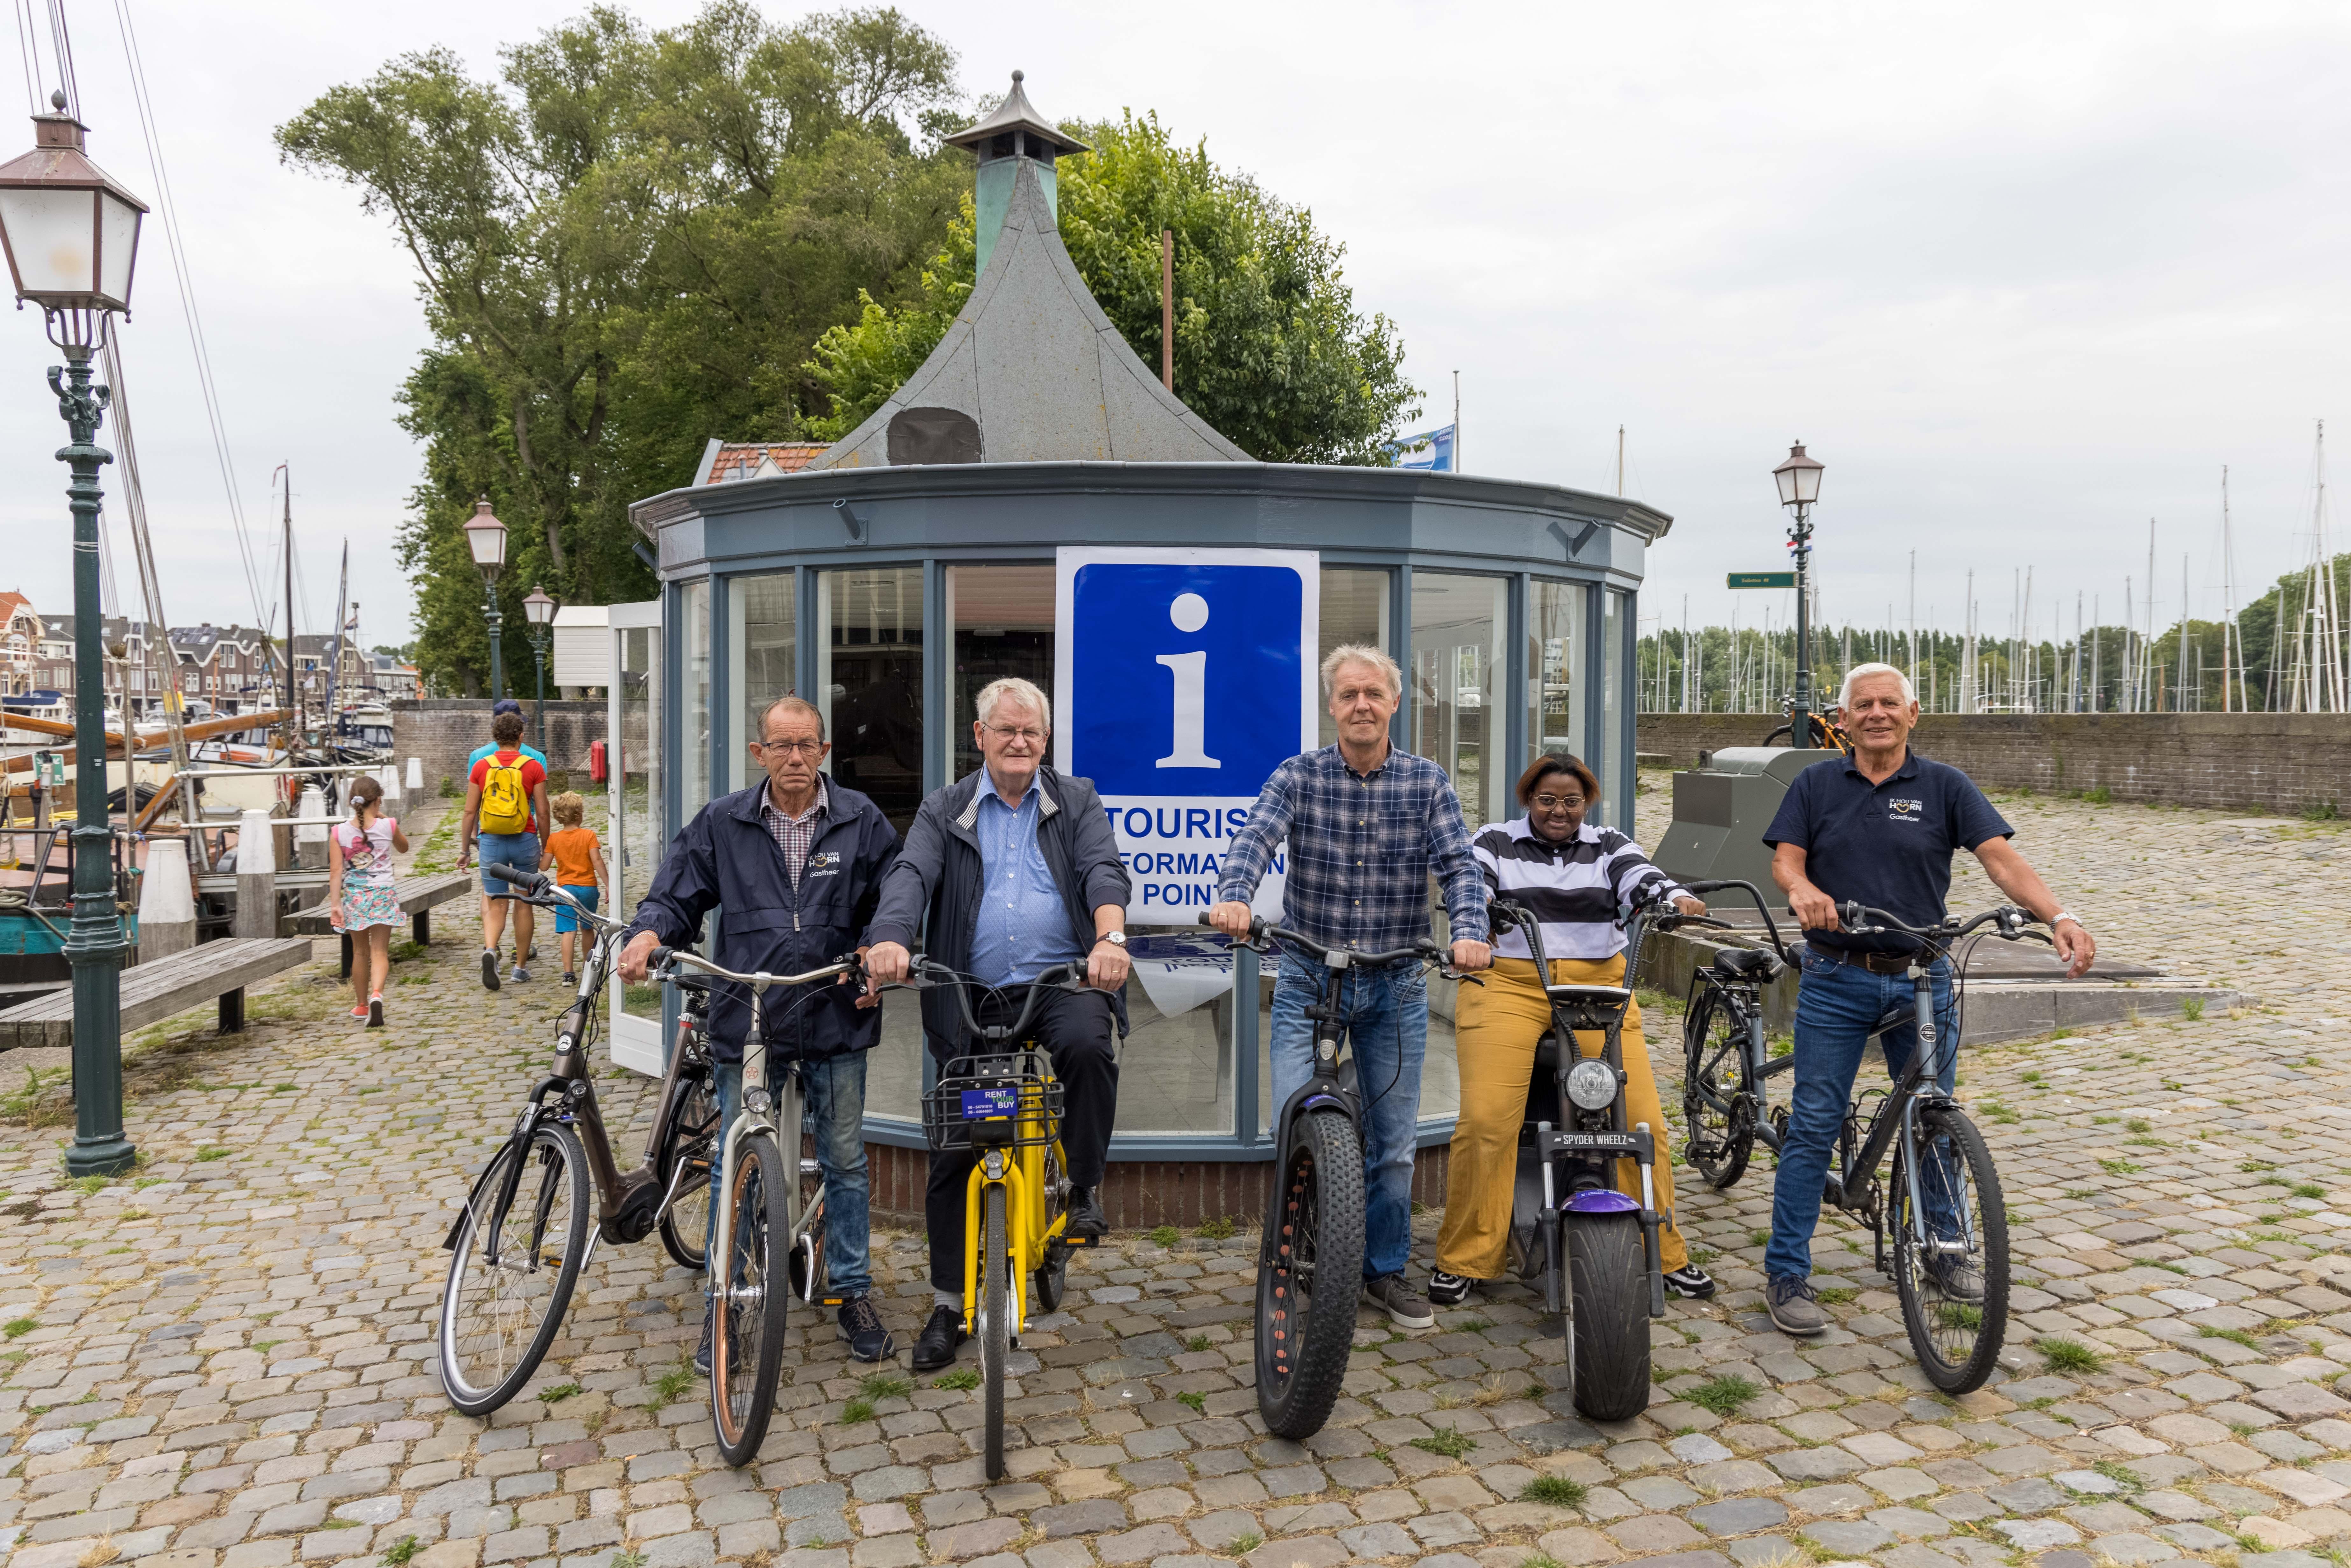 Bob Besselink over Hoorns Informatiepunt: 'Ik ga daar geen ordinaire fietsenstalling neerzetten. Als Horinees wil ik iets doen voor mijn dorp, laten zien hoe mooi Hoorn is'